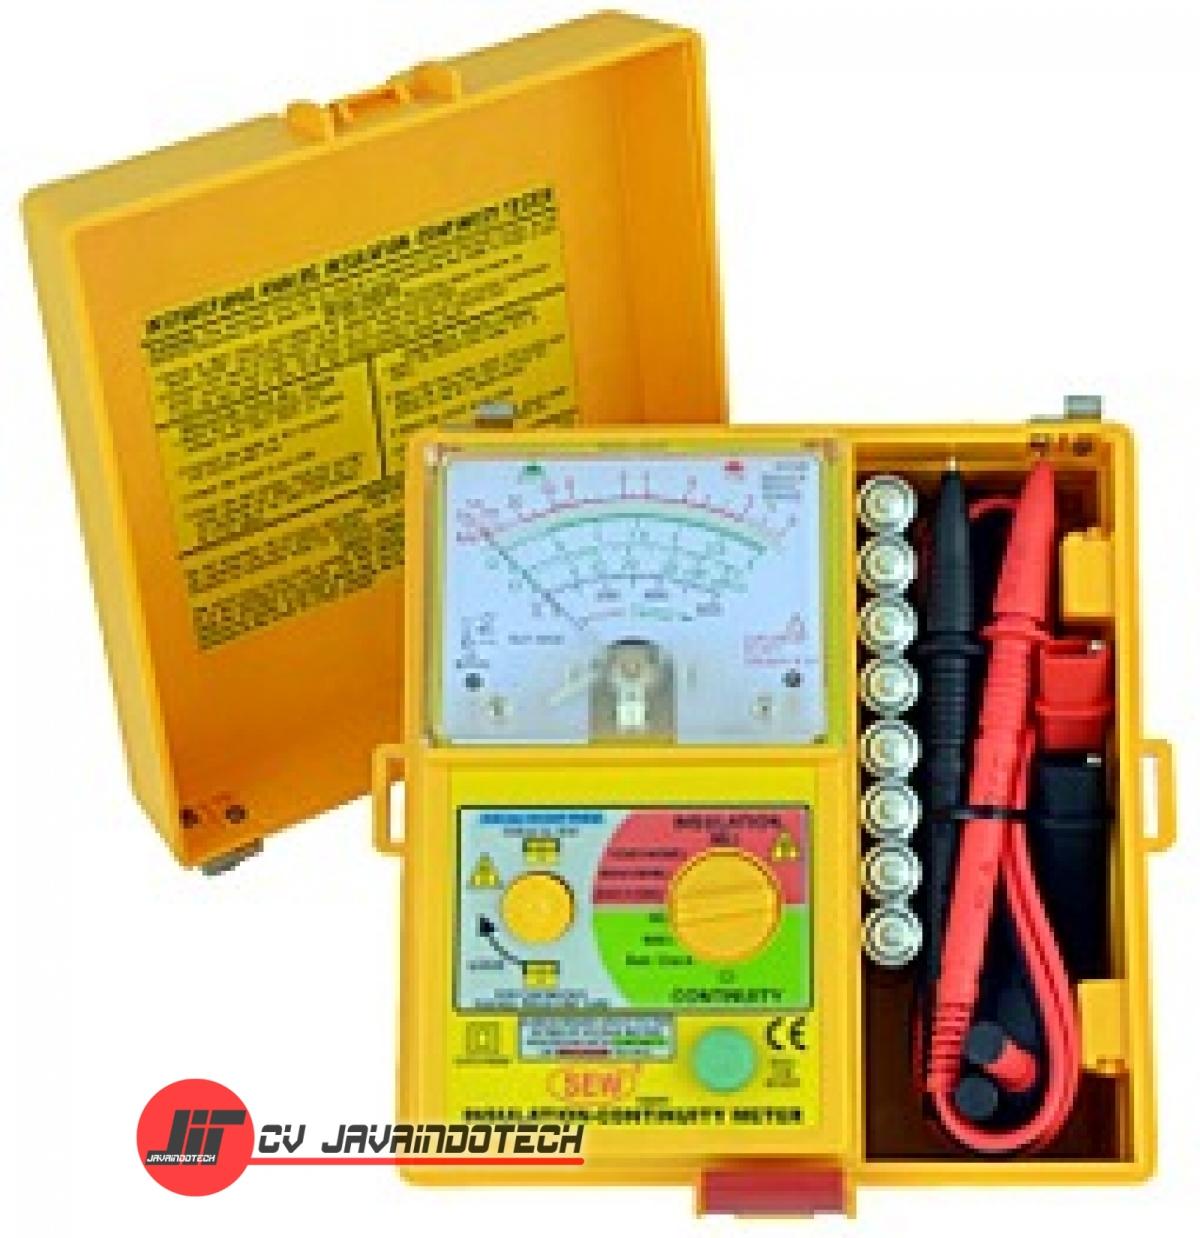 Review Spesifikasi dan Harga Jual SEW Analog Insulation Tester 1832 IN original termurah dan bergaransi resmi